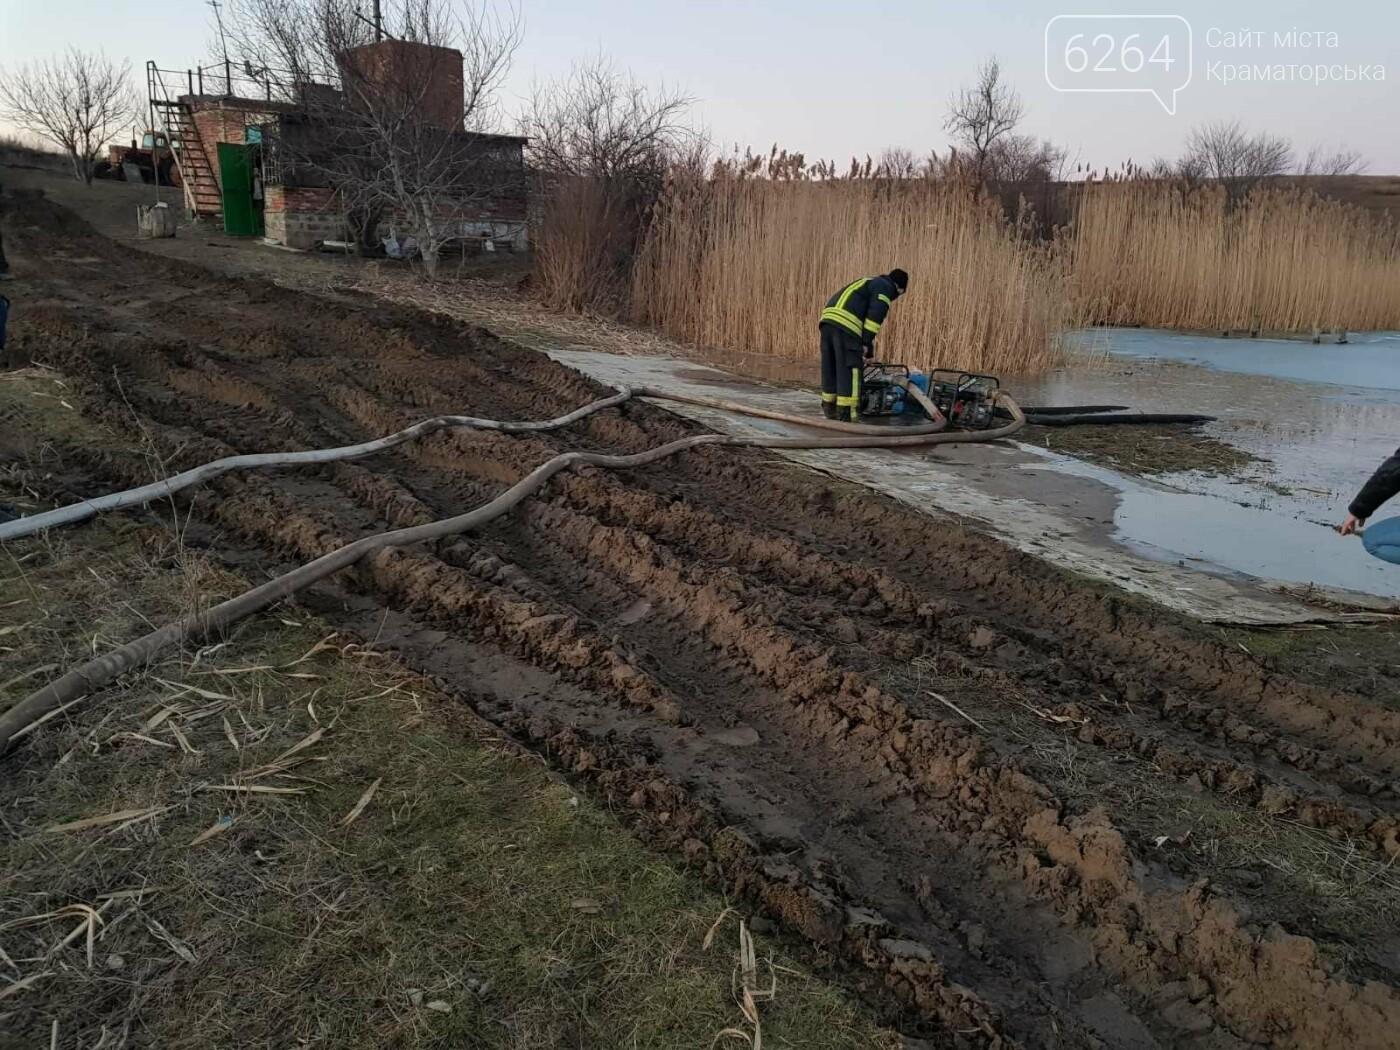 У Краматорському районі  рятувальники здійснили перекачування води для запобігання руйнуванню дамби та виходу води з берегів одного з місц..., фото-3